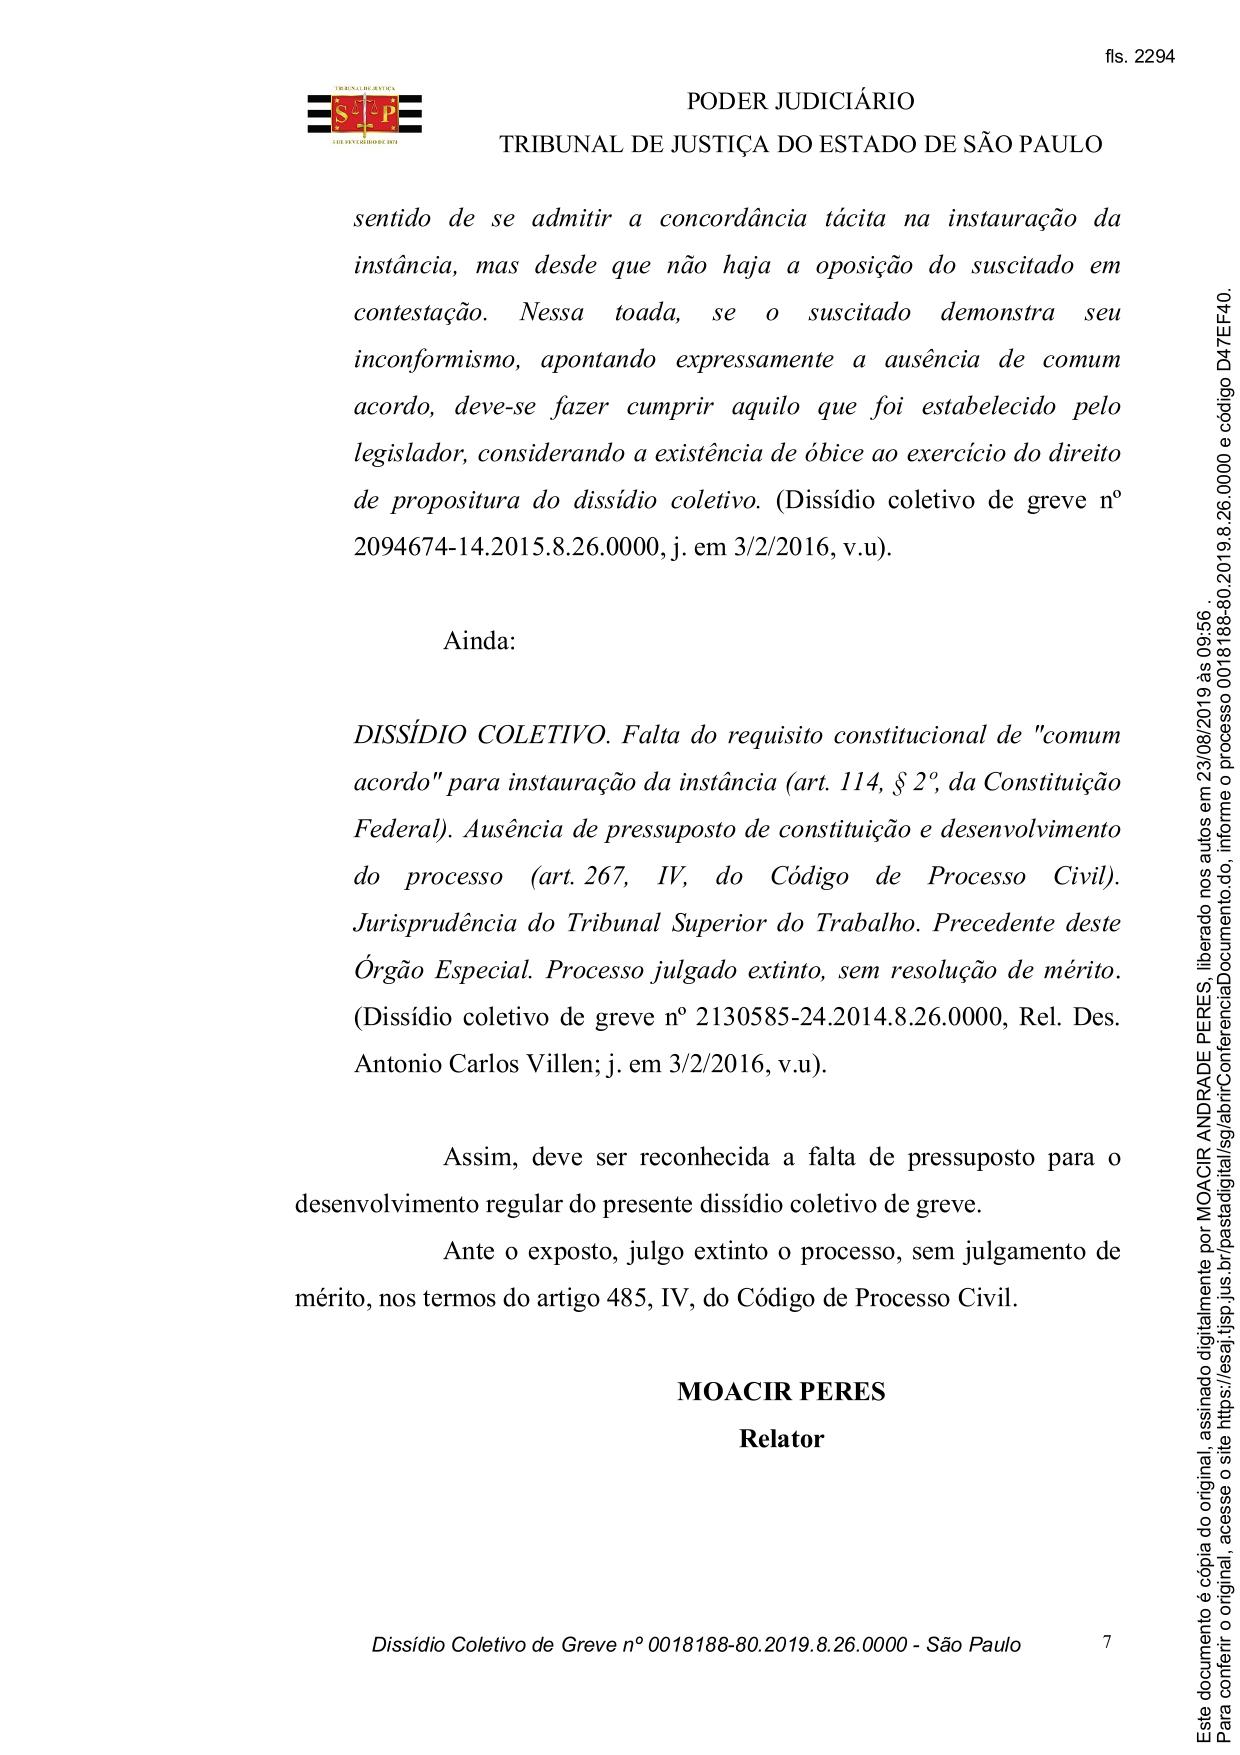 ACORDÃO DISSIDIO GREVE DAERP_page-0007